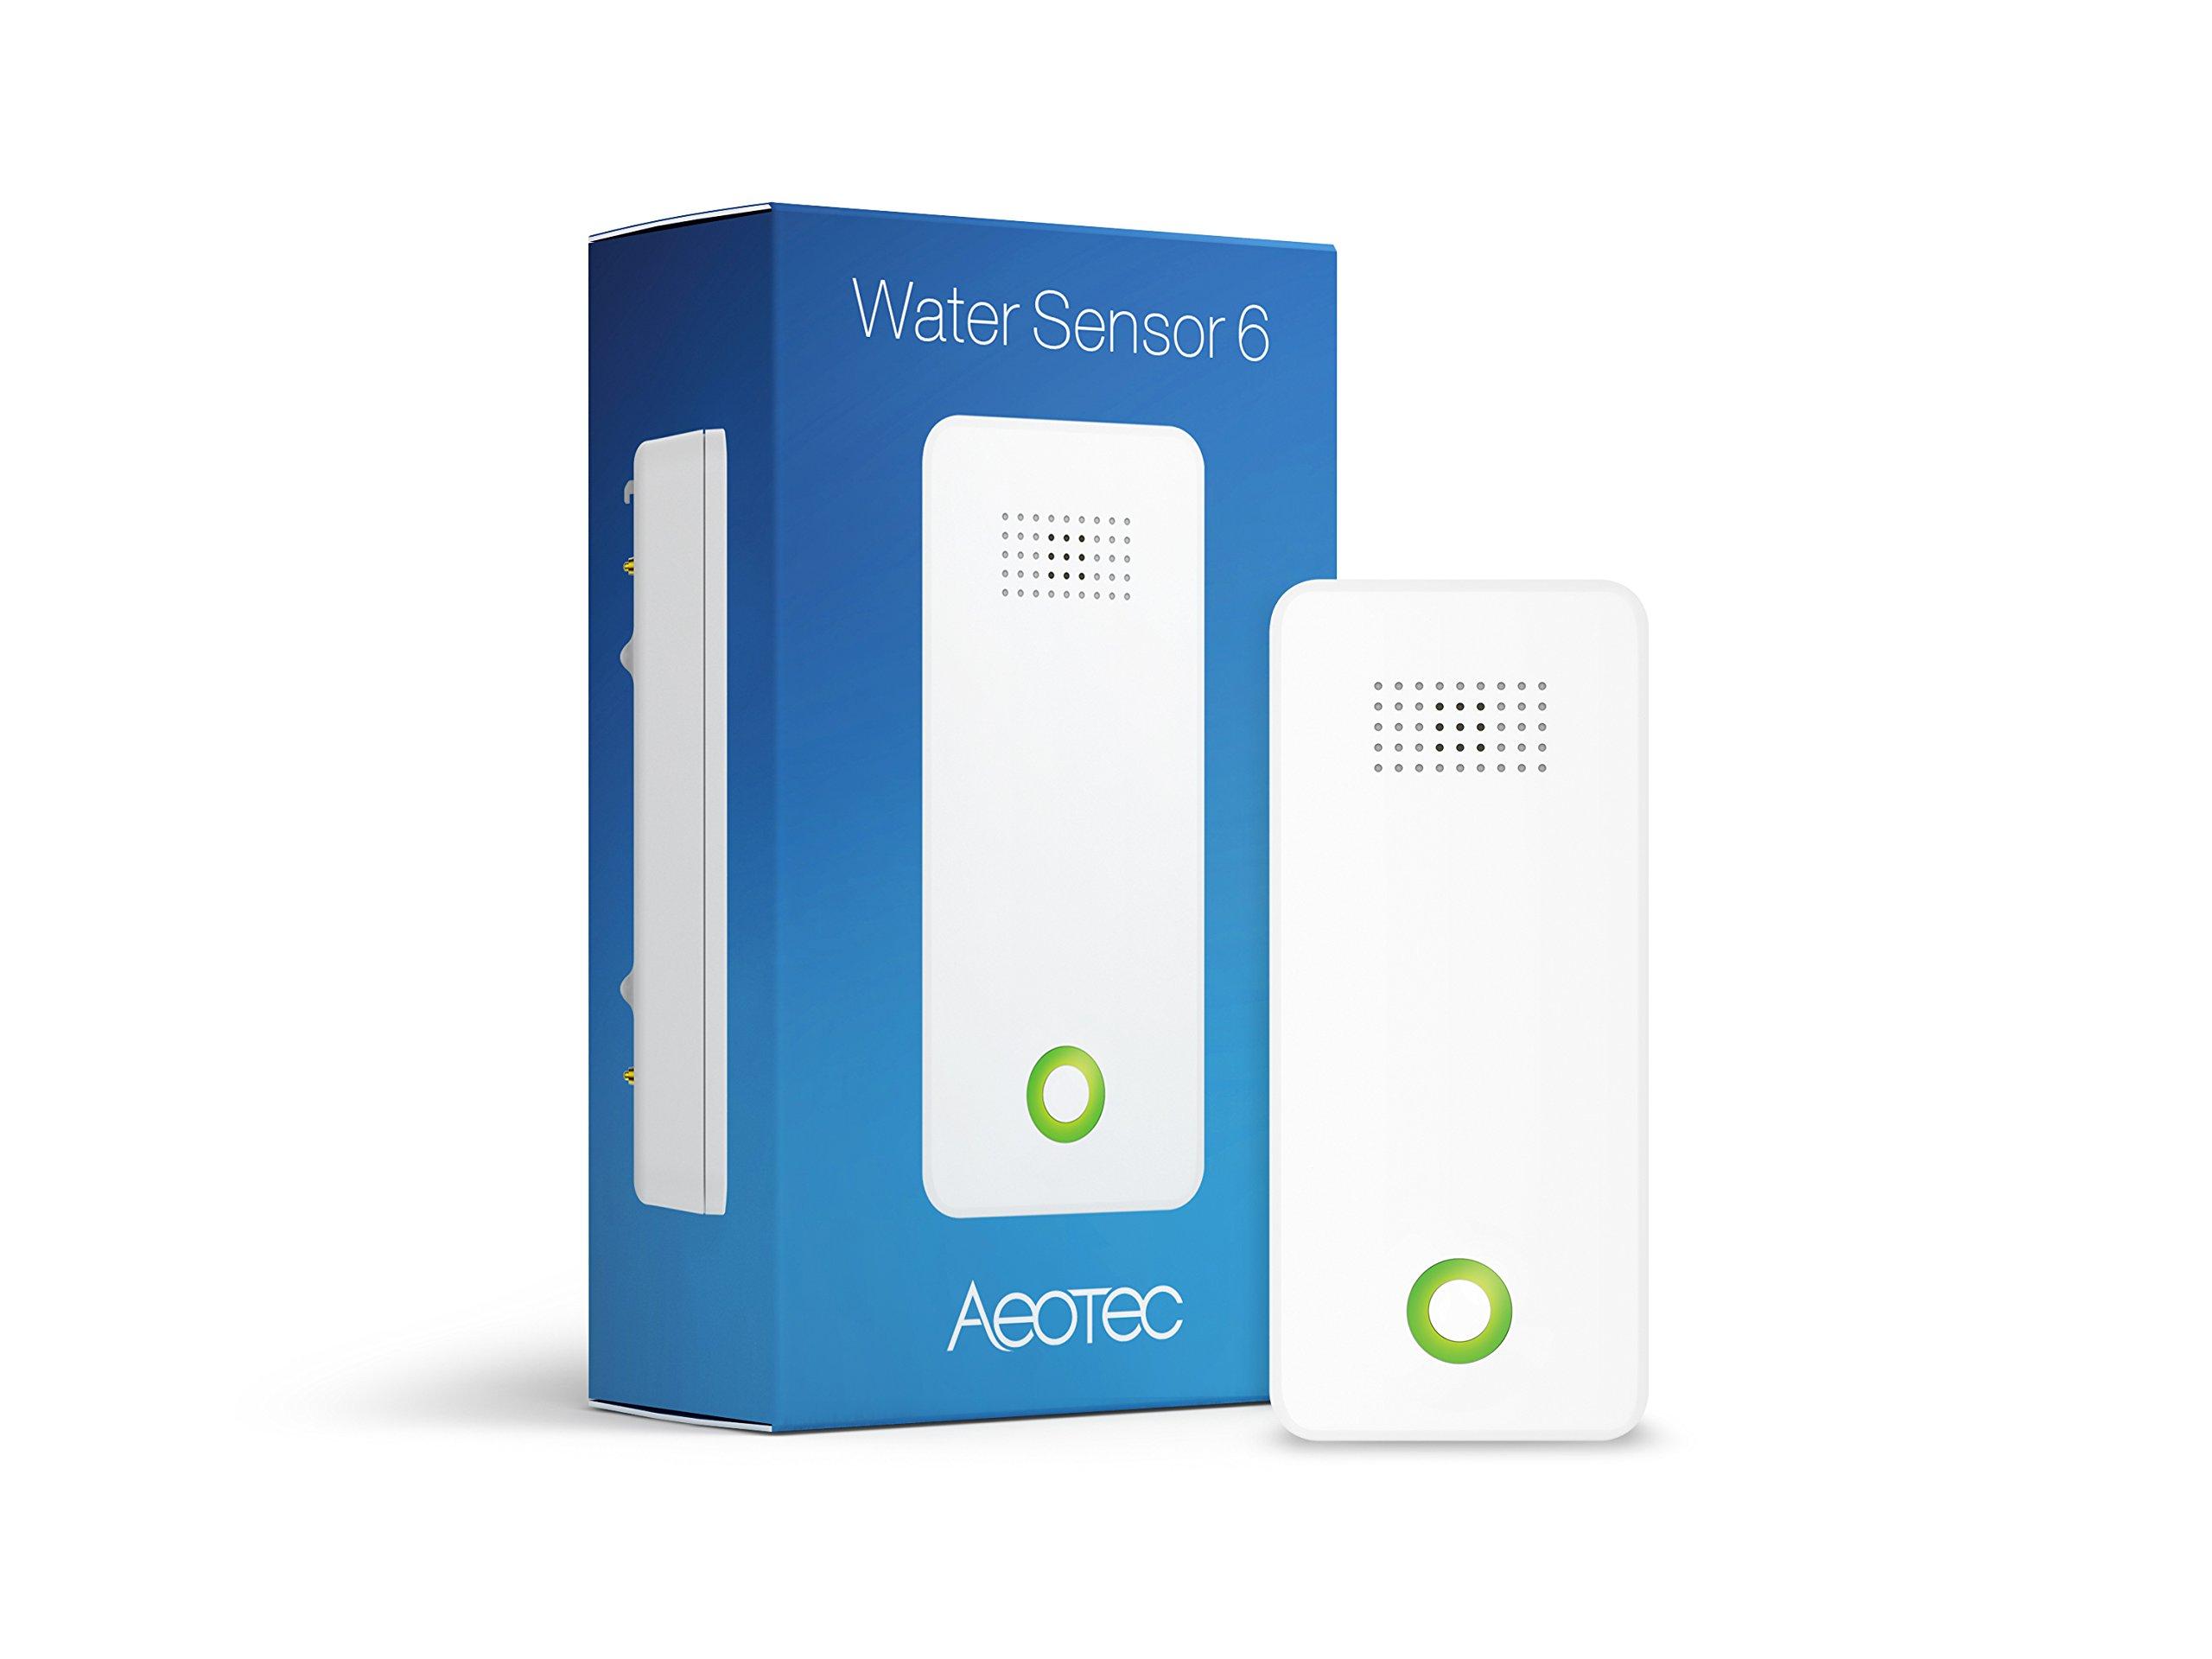 Aeotec ZW122 Z-Wave Water Sensor 6 by Aeotec